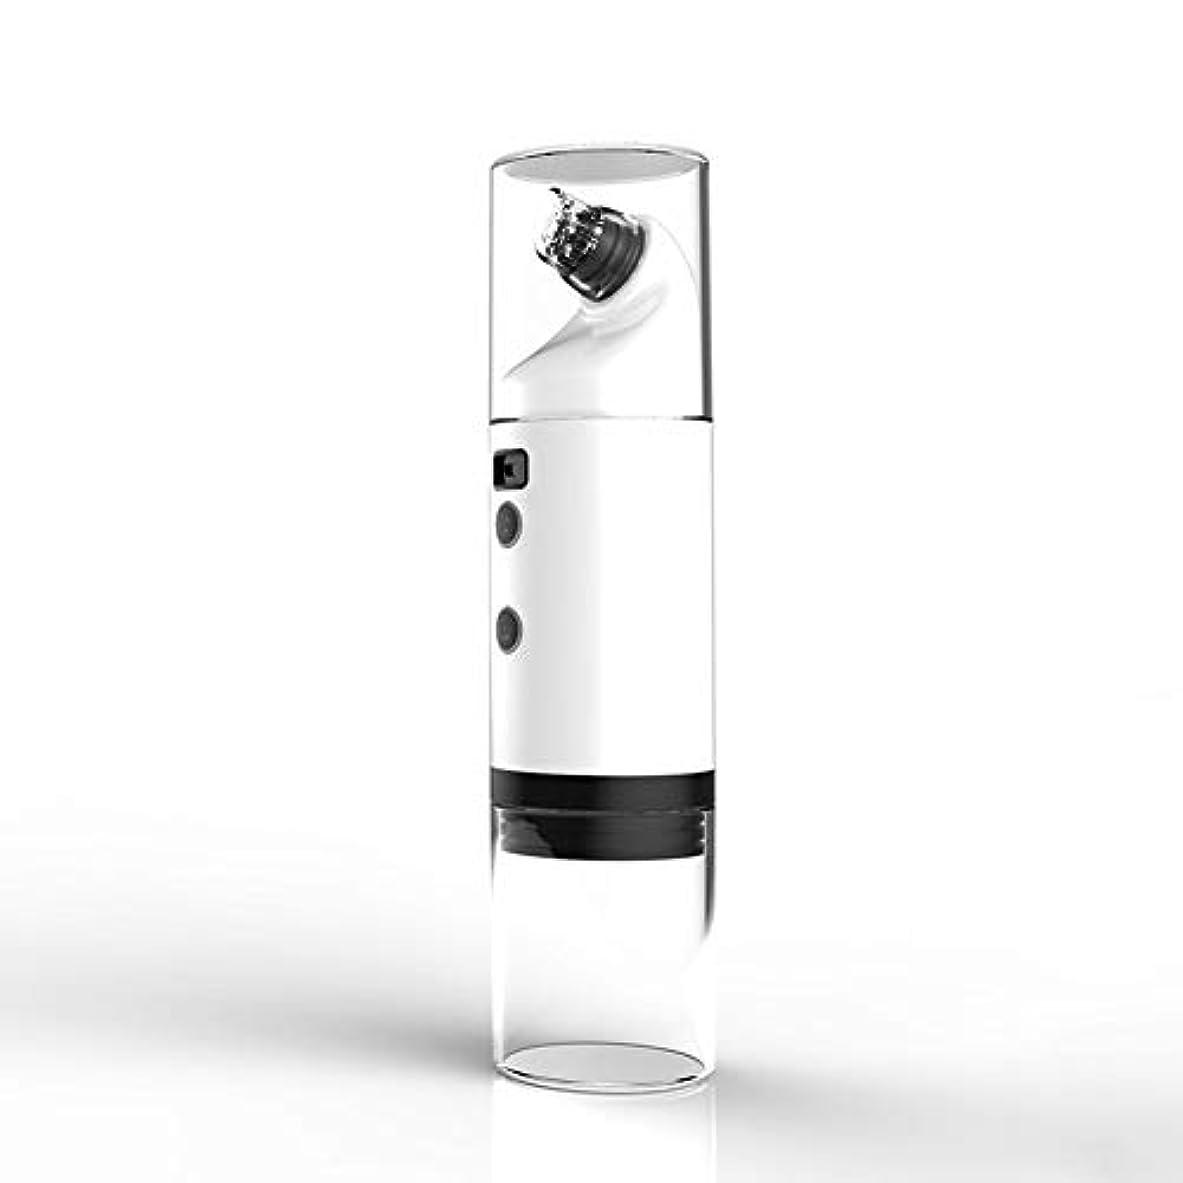 適切にビヨン男やもめにきび楽器、電気吸引にきび世帯、毛穴クリーニング小さな泡美容器具、、フェイス鼻のためのLEDディスプレイと充電式USBおでこホワイトヘッドクリーン